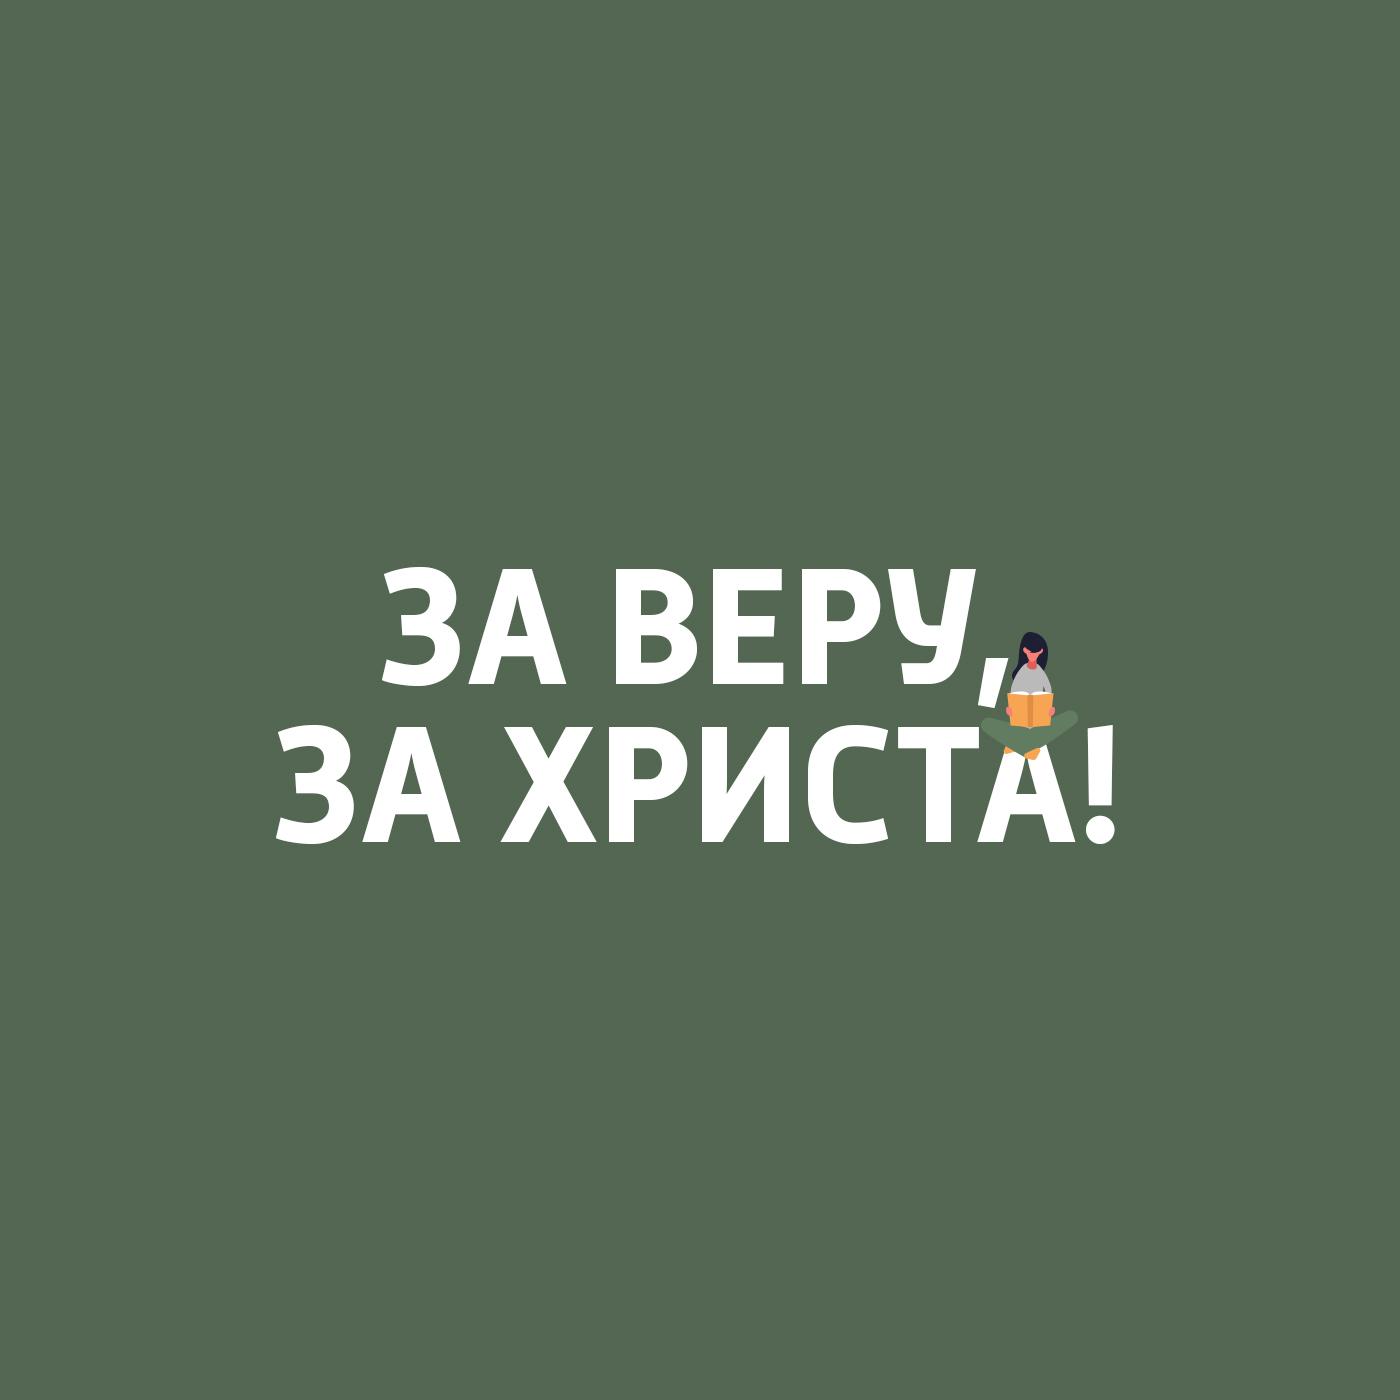 цена на Творческий коллектив шоу «Сергей Стиллавин и его друзья» Восьмой Крестовый поход